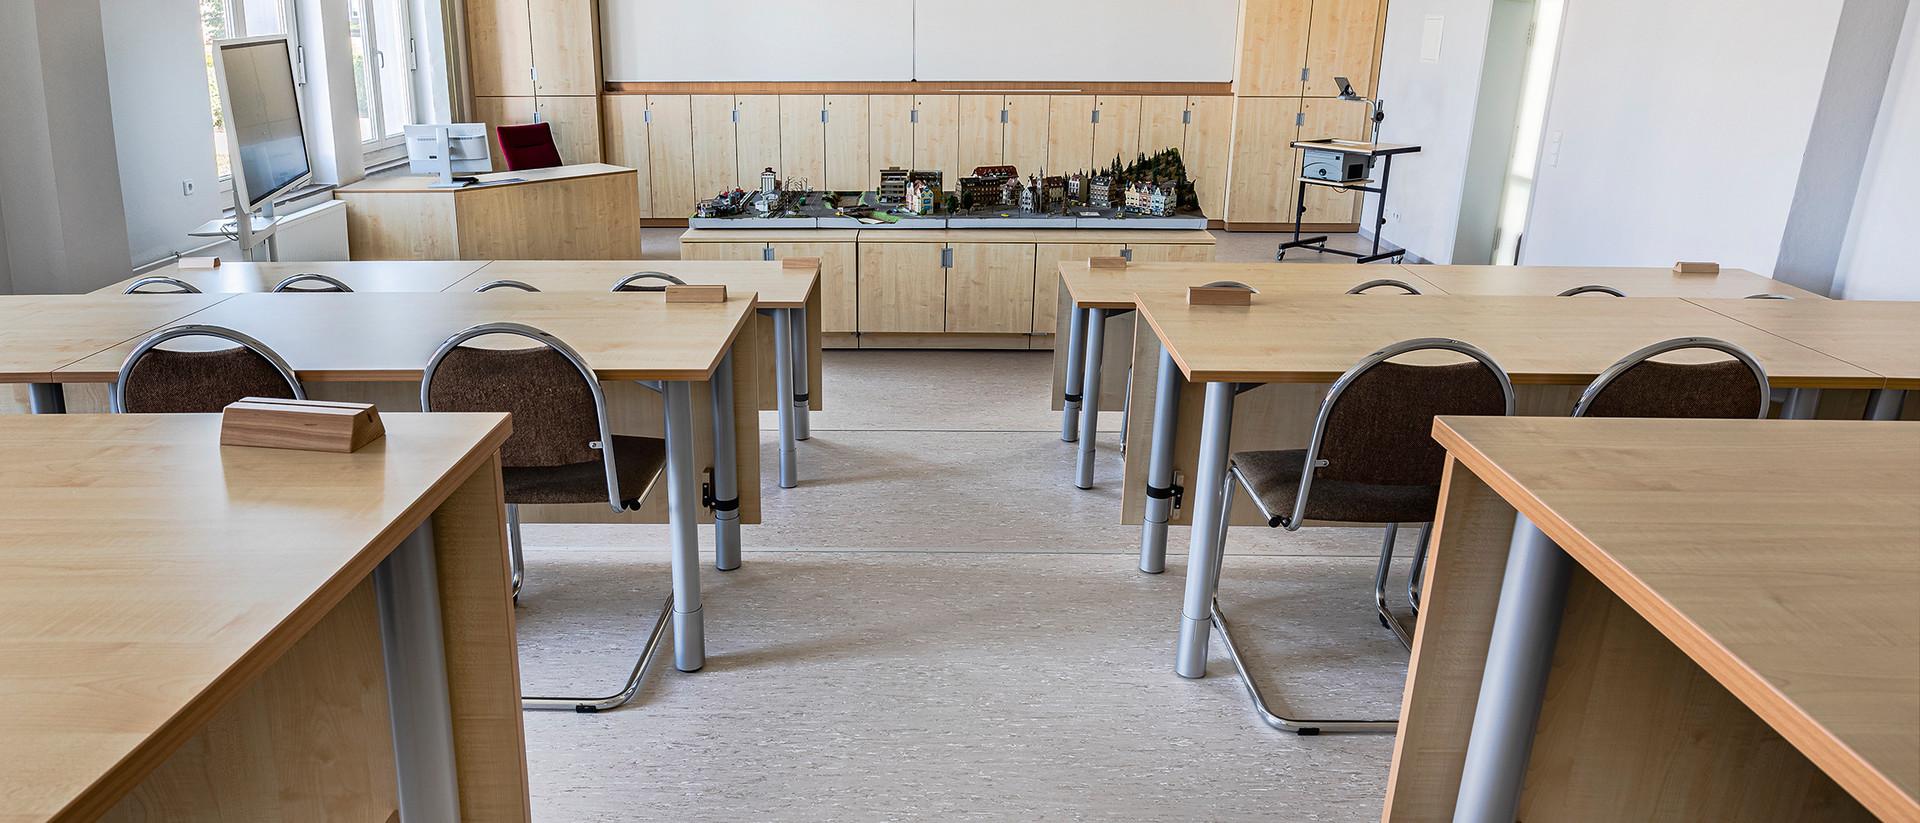 Ein leerer Hörsaal mit holzverkleideten Stühlen und Tischen.